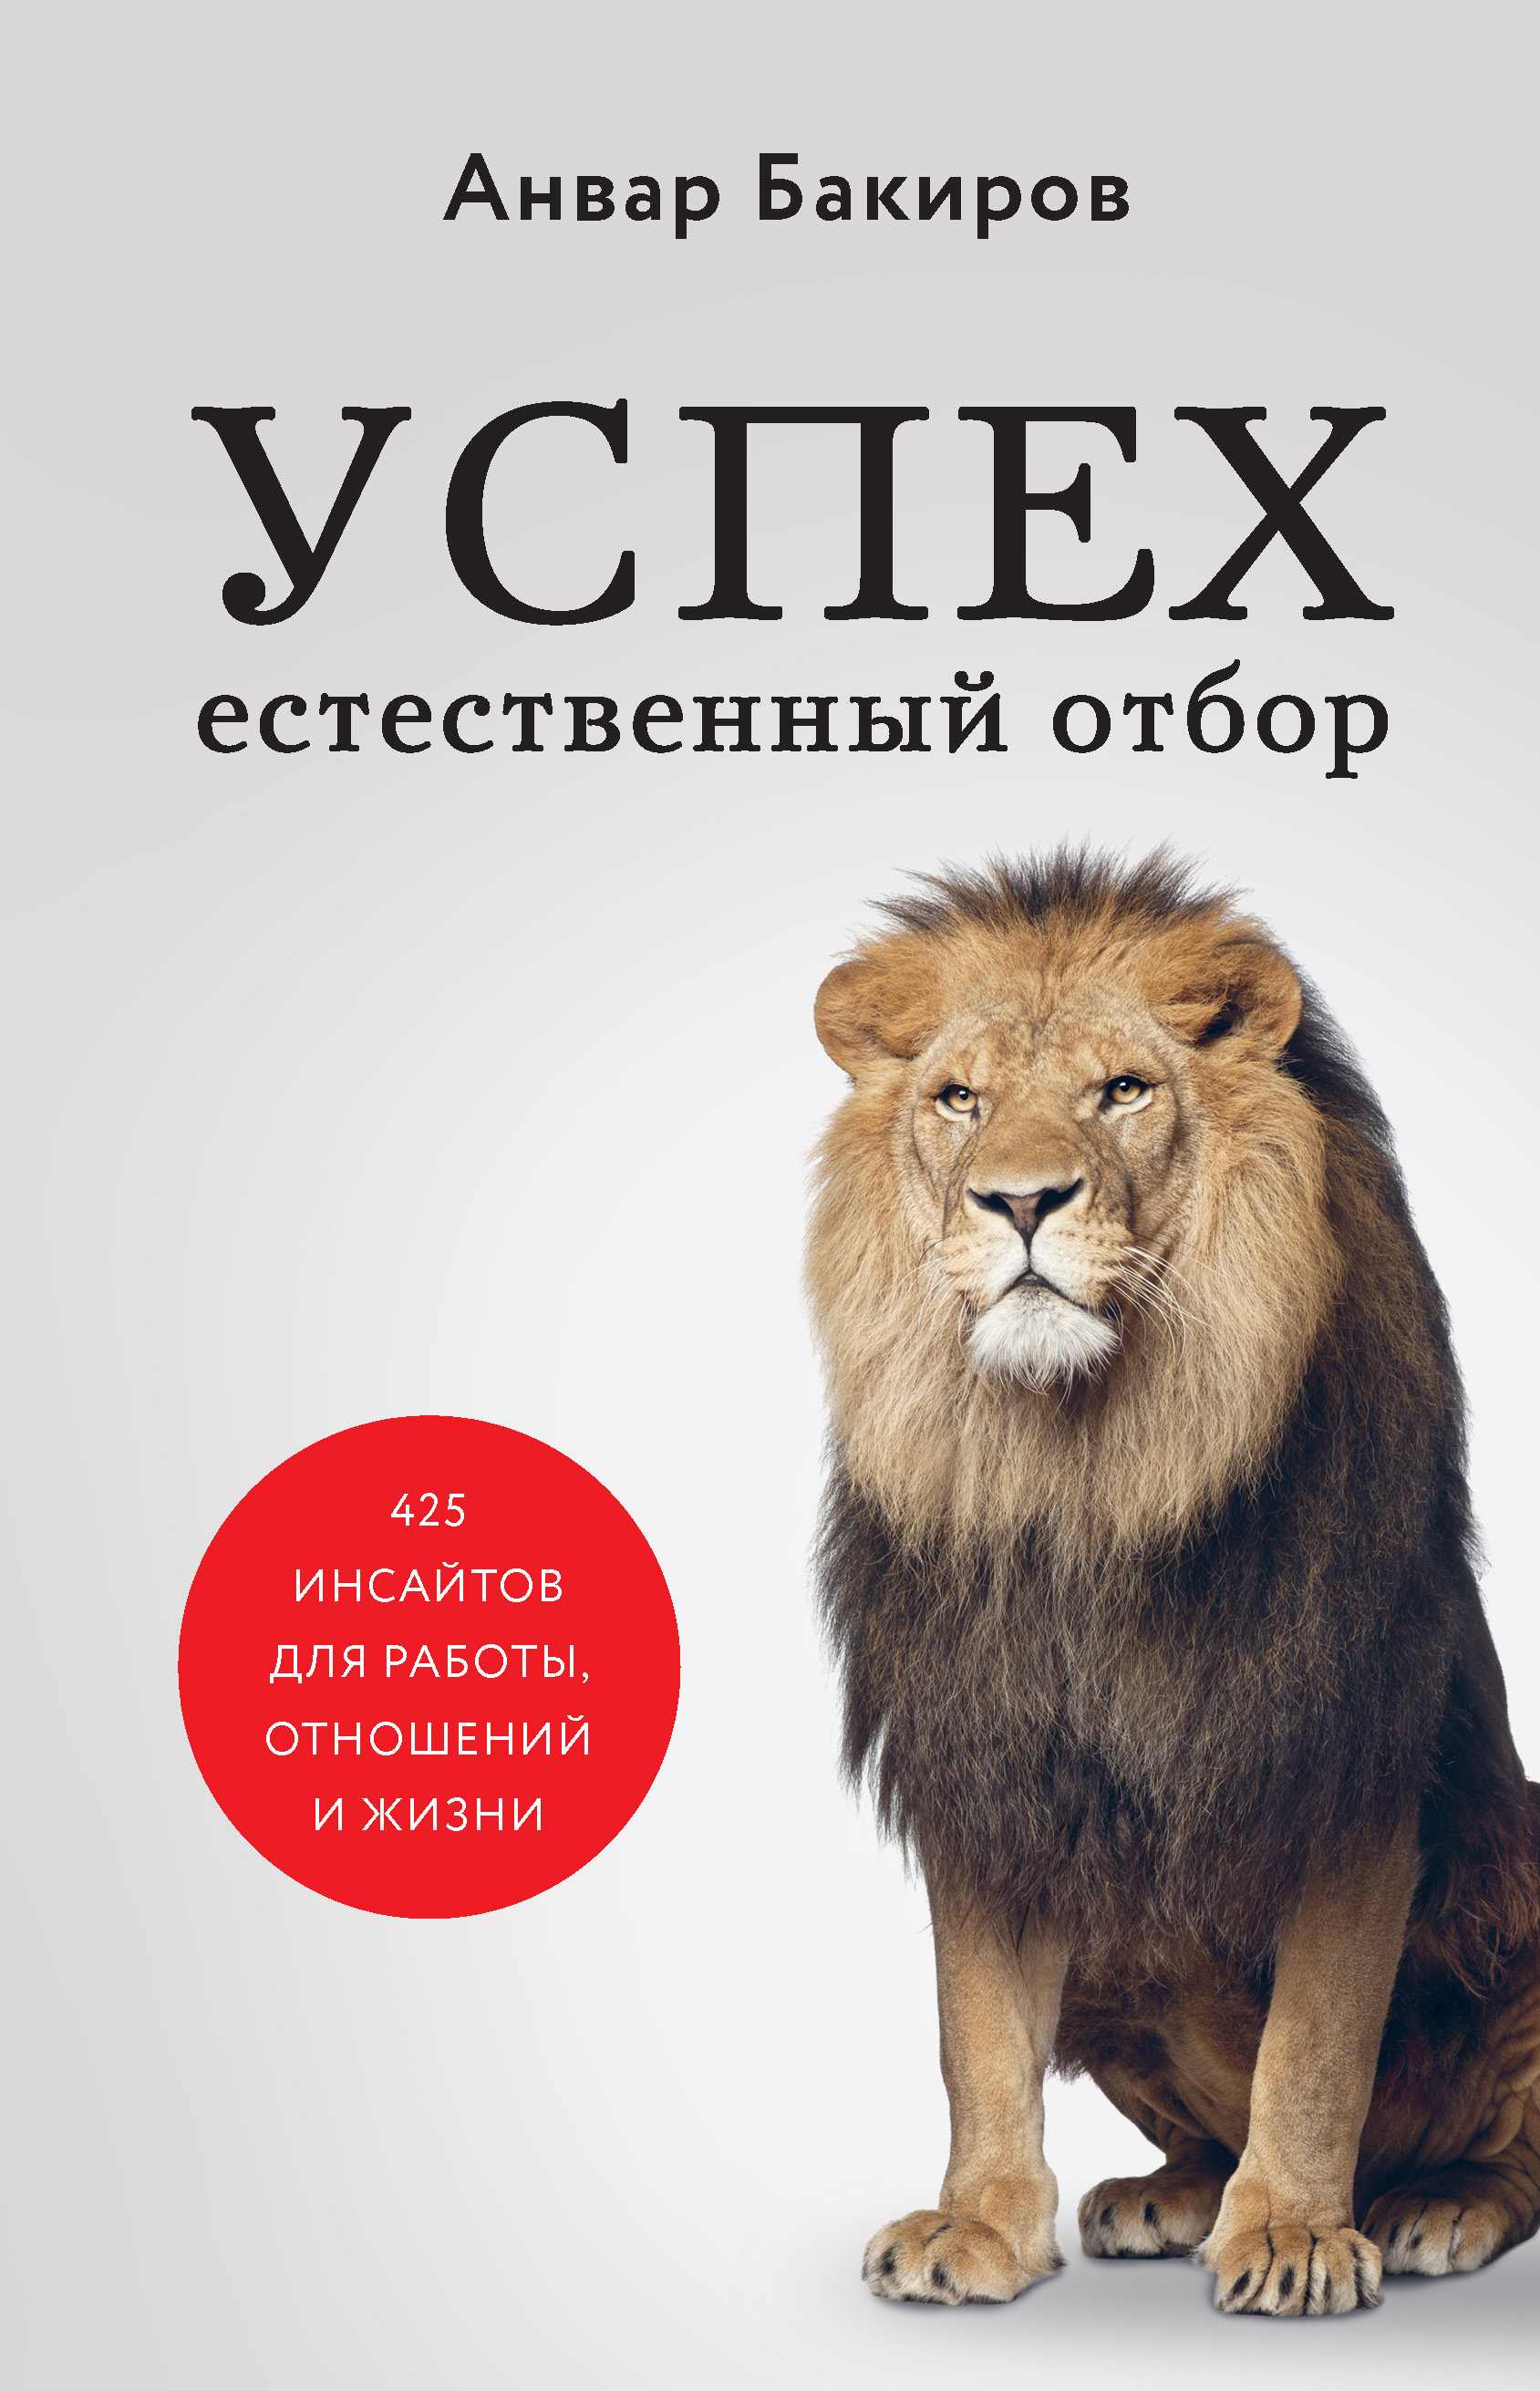 Купить книгу Успех. Естественный отбор. 425 инсайтов для работы, отношений и жизни, автора Анвара Бакирова